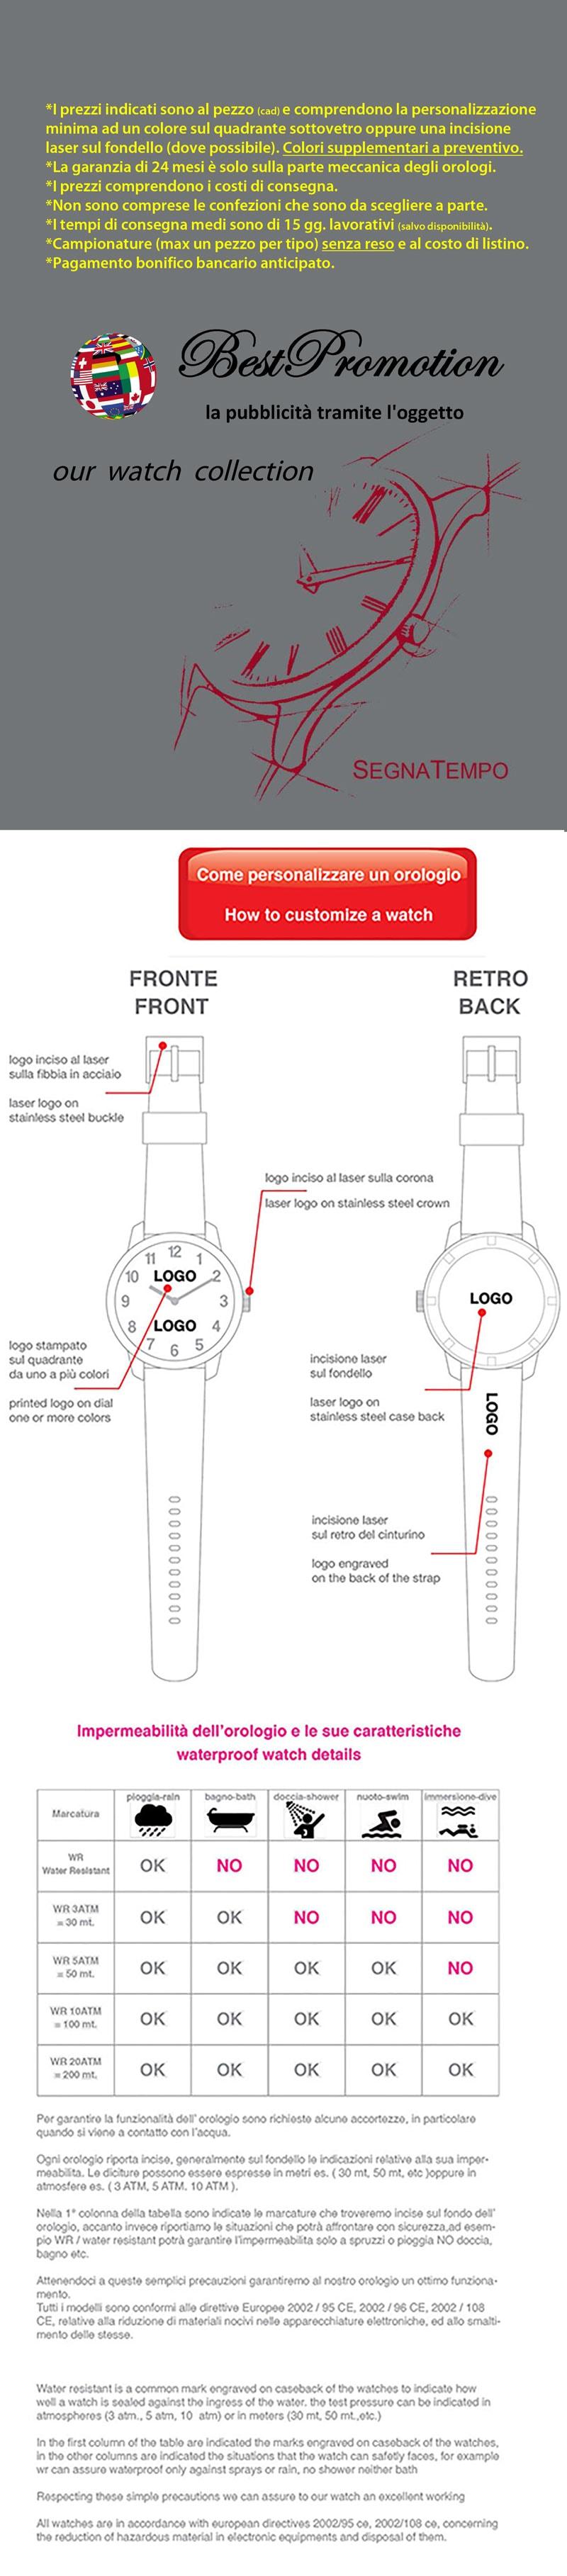 legenda orologi da polso personalizzati